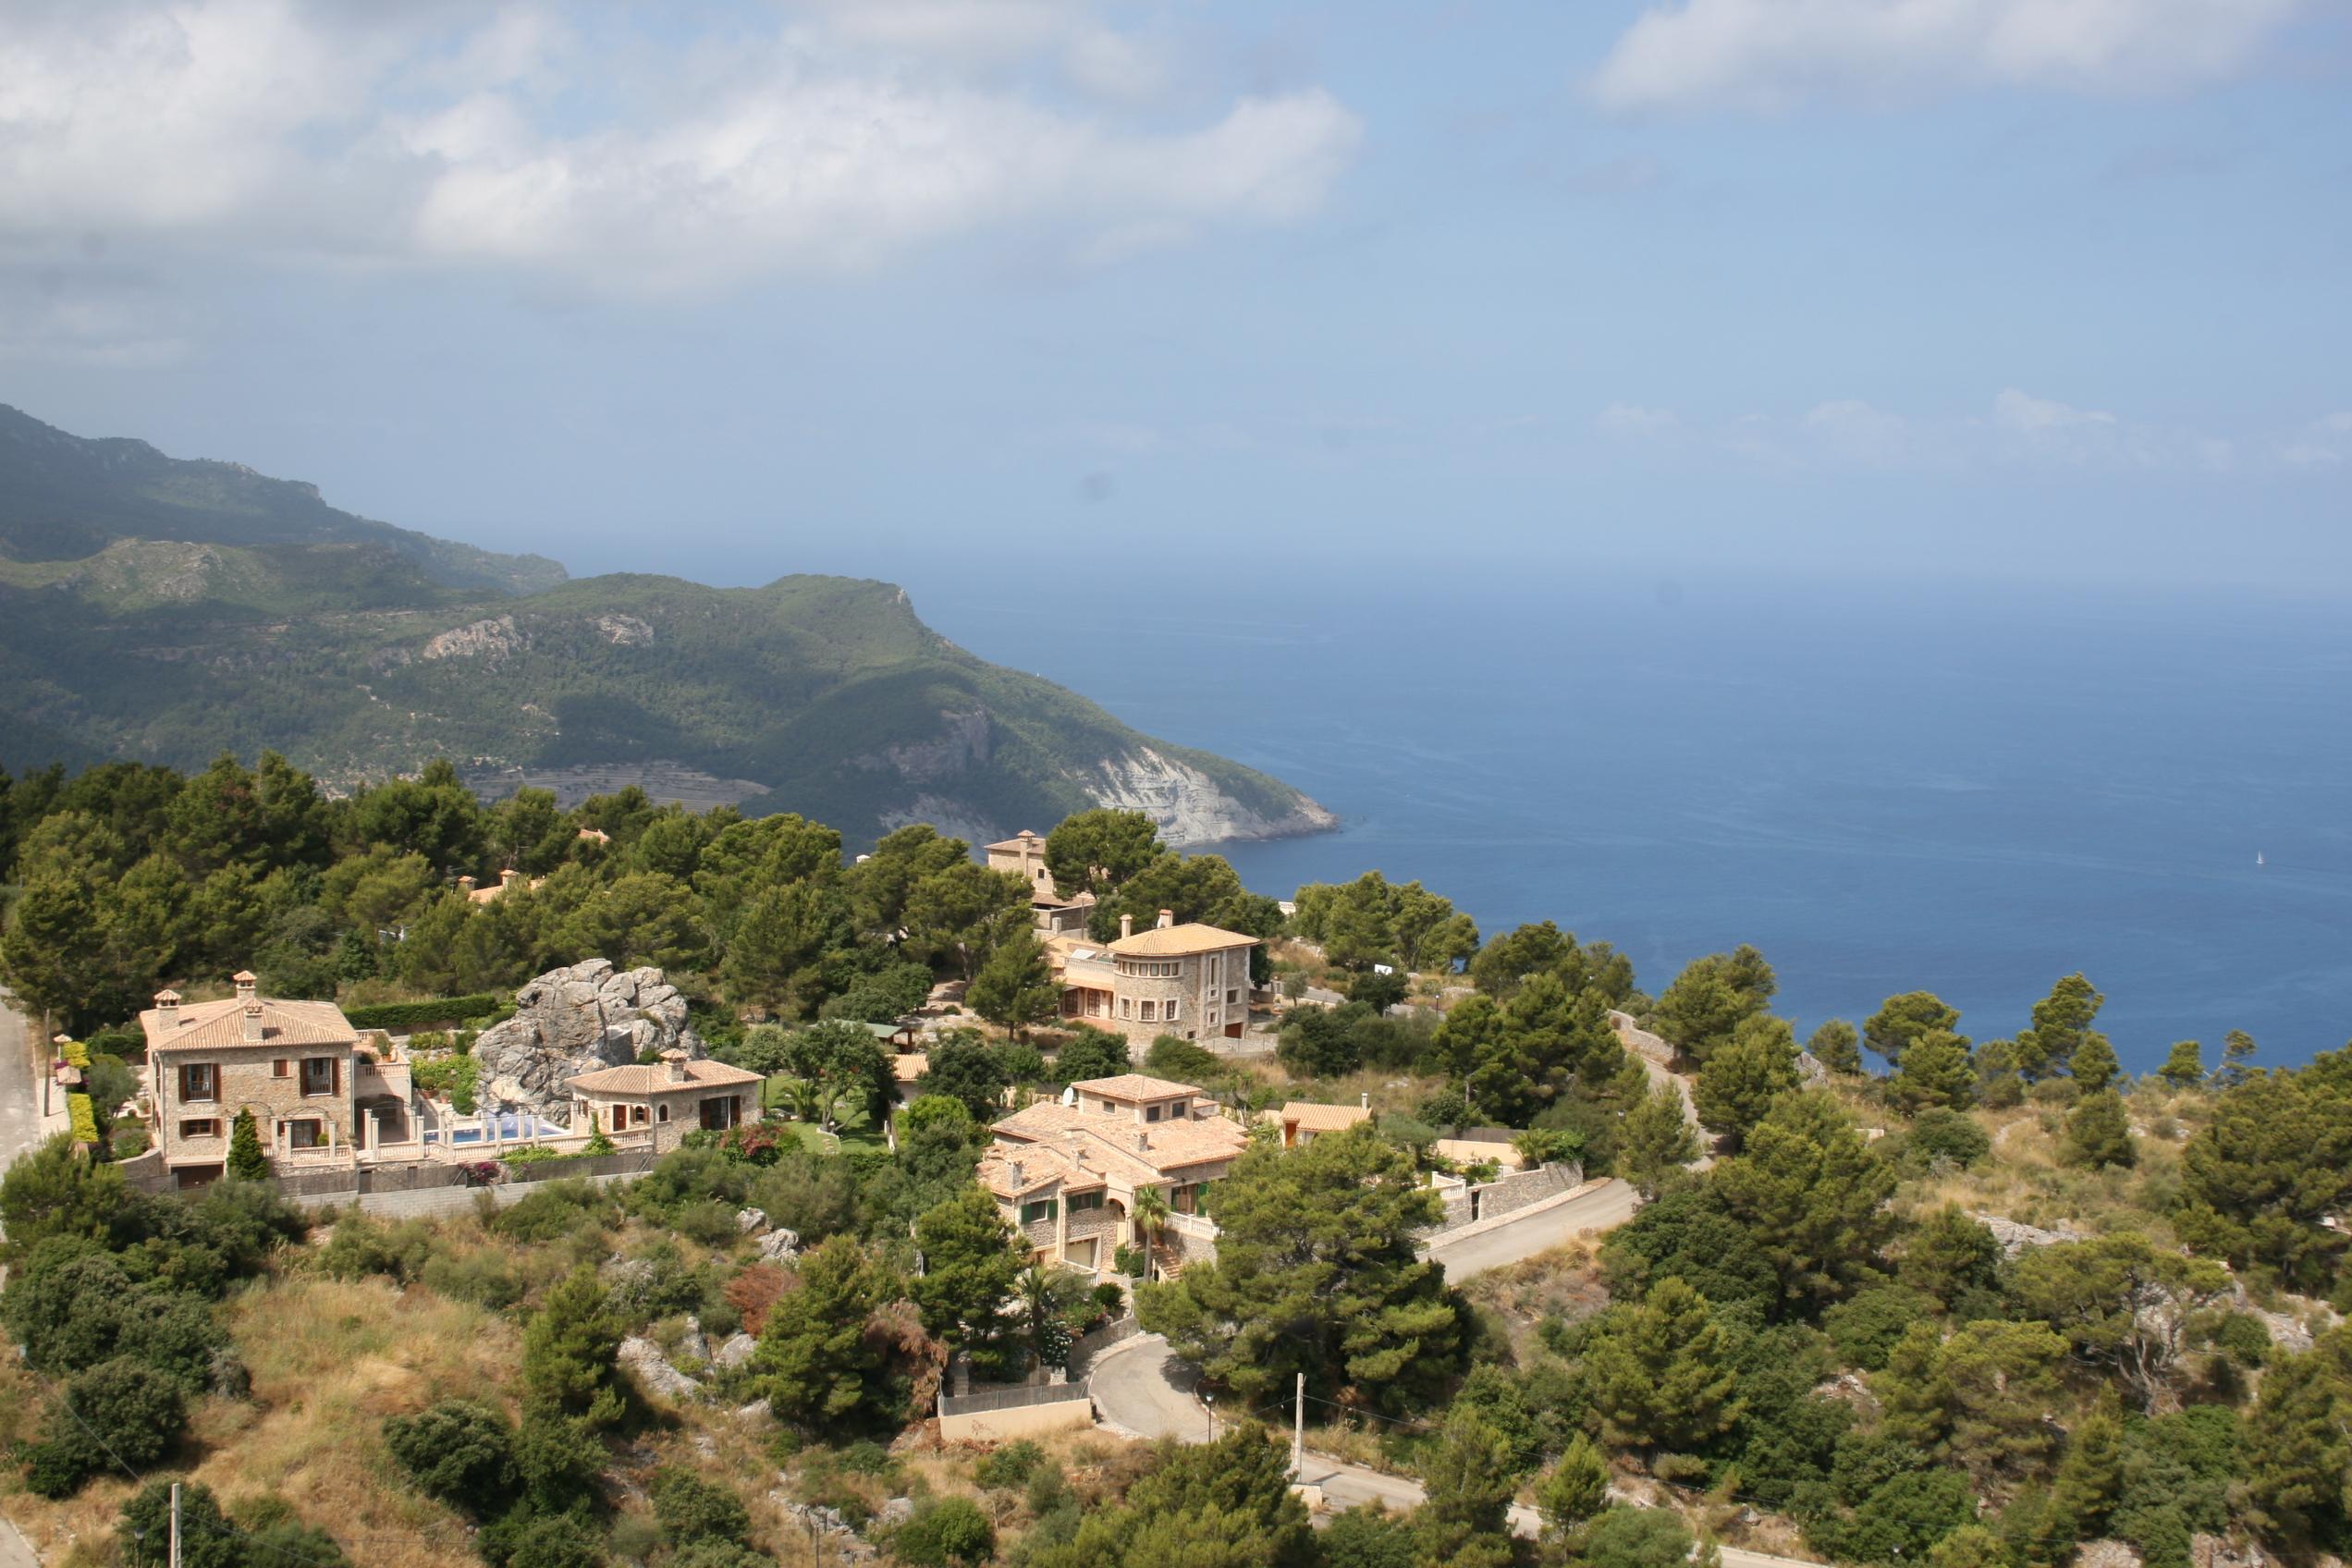 Nachhaltige Architektur auf Mallorca (II): Häuser im Sinne der Zukunft